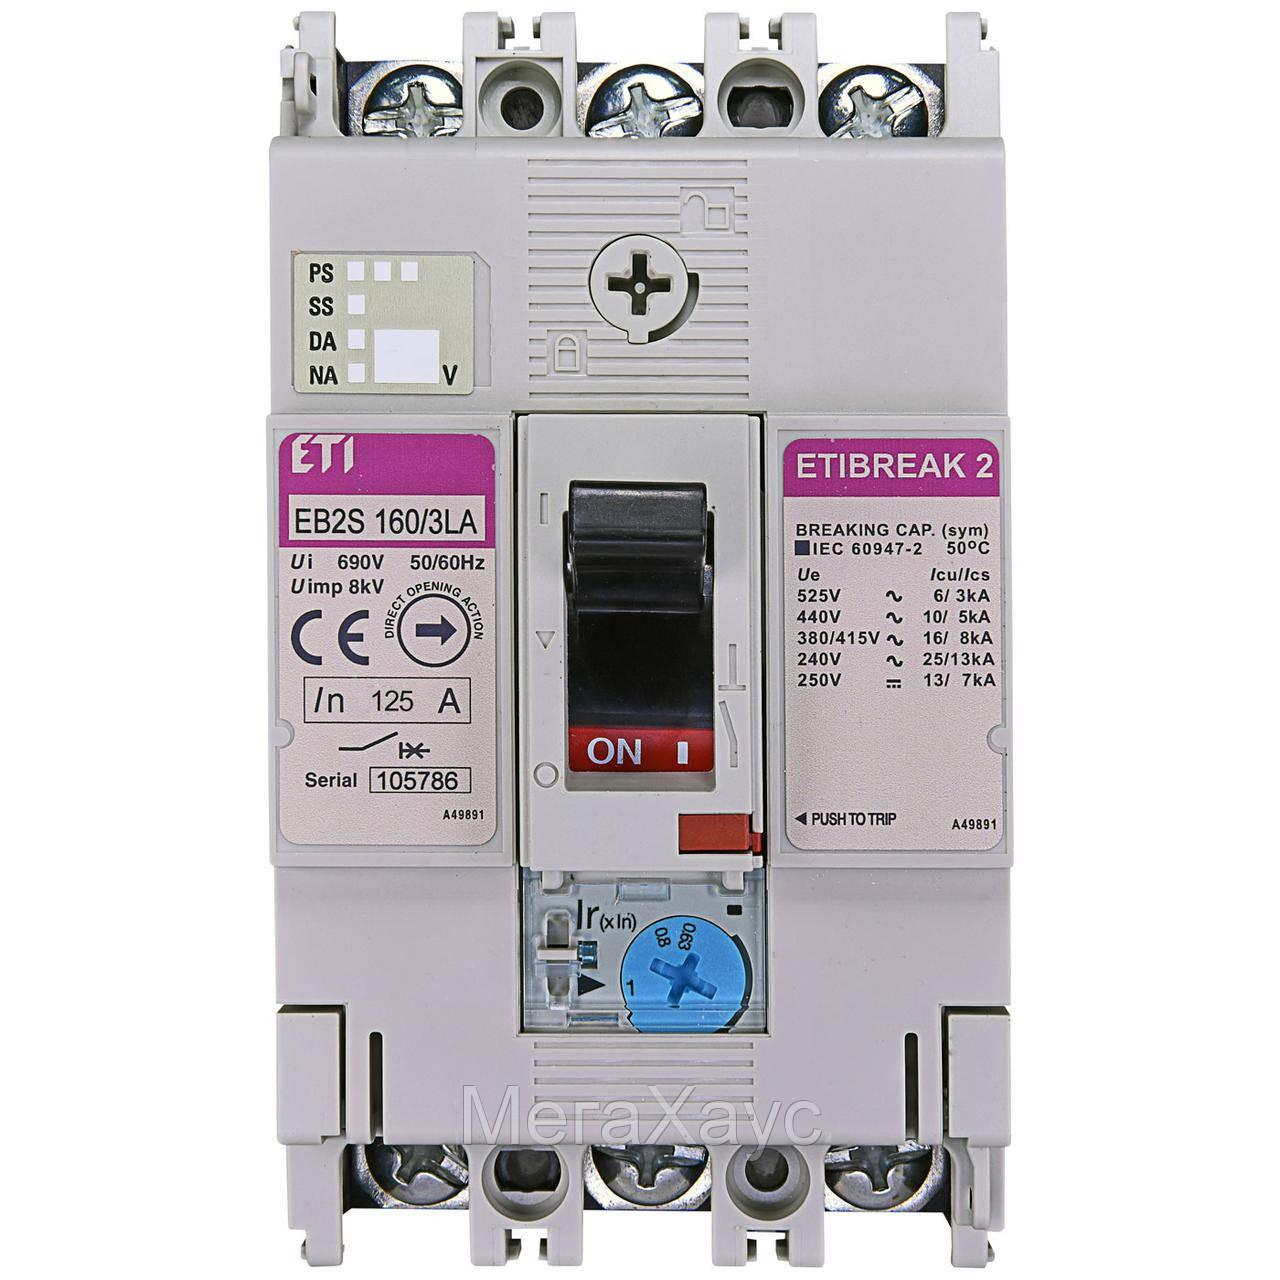 Промышленный автоматический выключатель ETI ETIBREAK  EB2S 160/3LA 125А 3P (16kA регулируемы